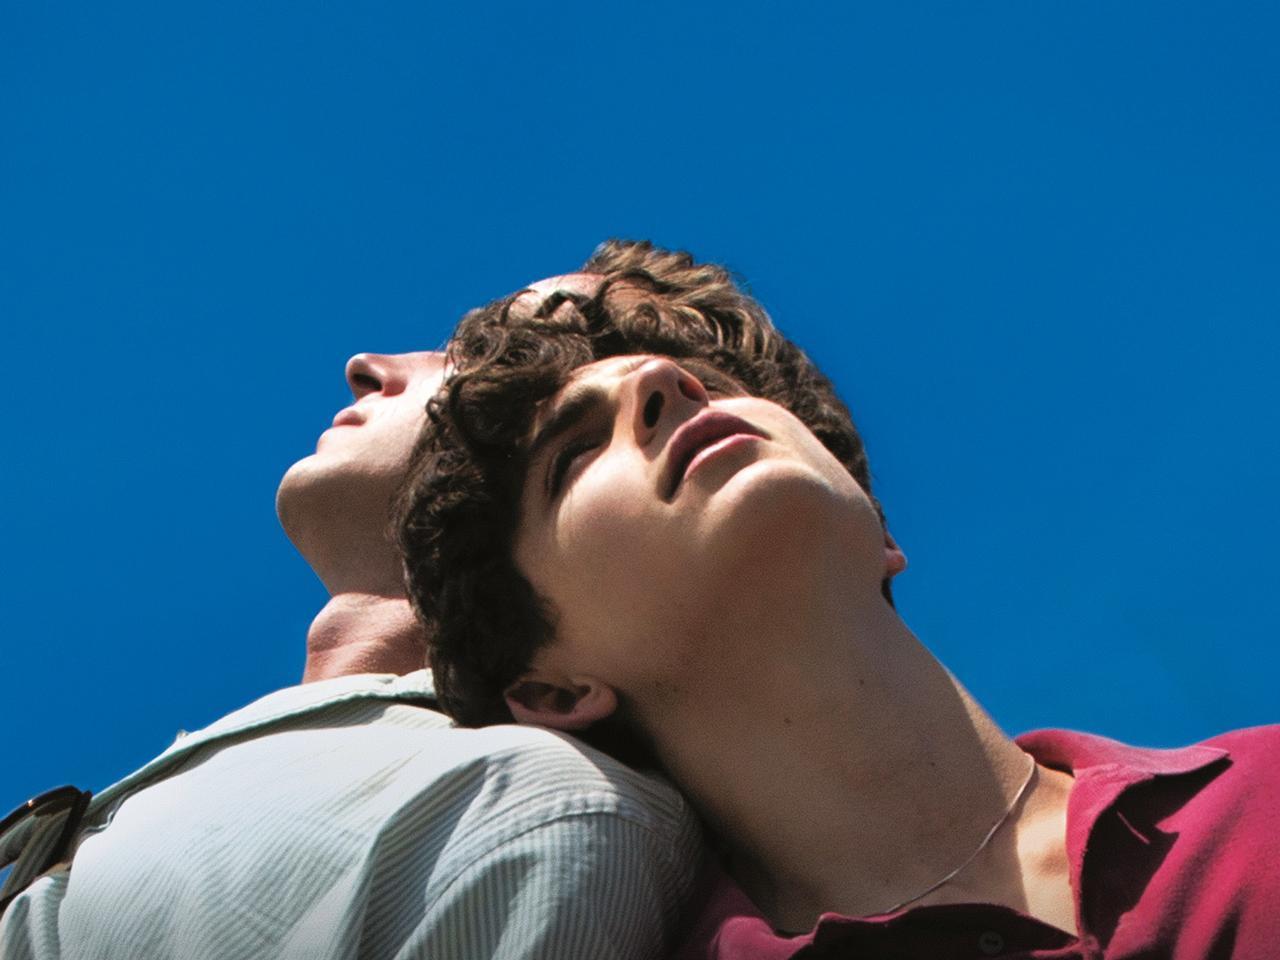 画像: 父の助手に恋した少年…相手は男?!「君の名前で僕を呼んで」4/27公開。ラスト3分半の感動とは?